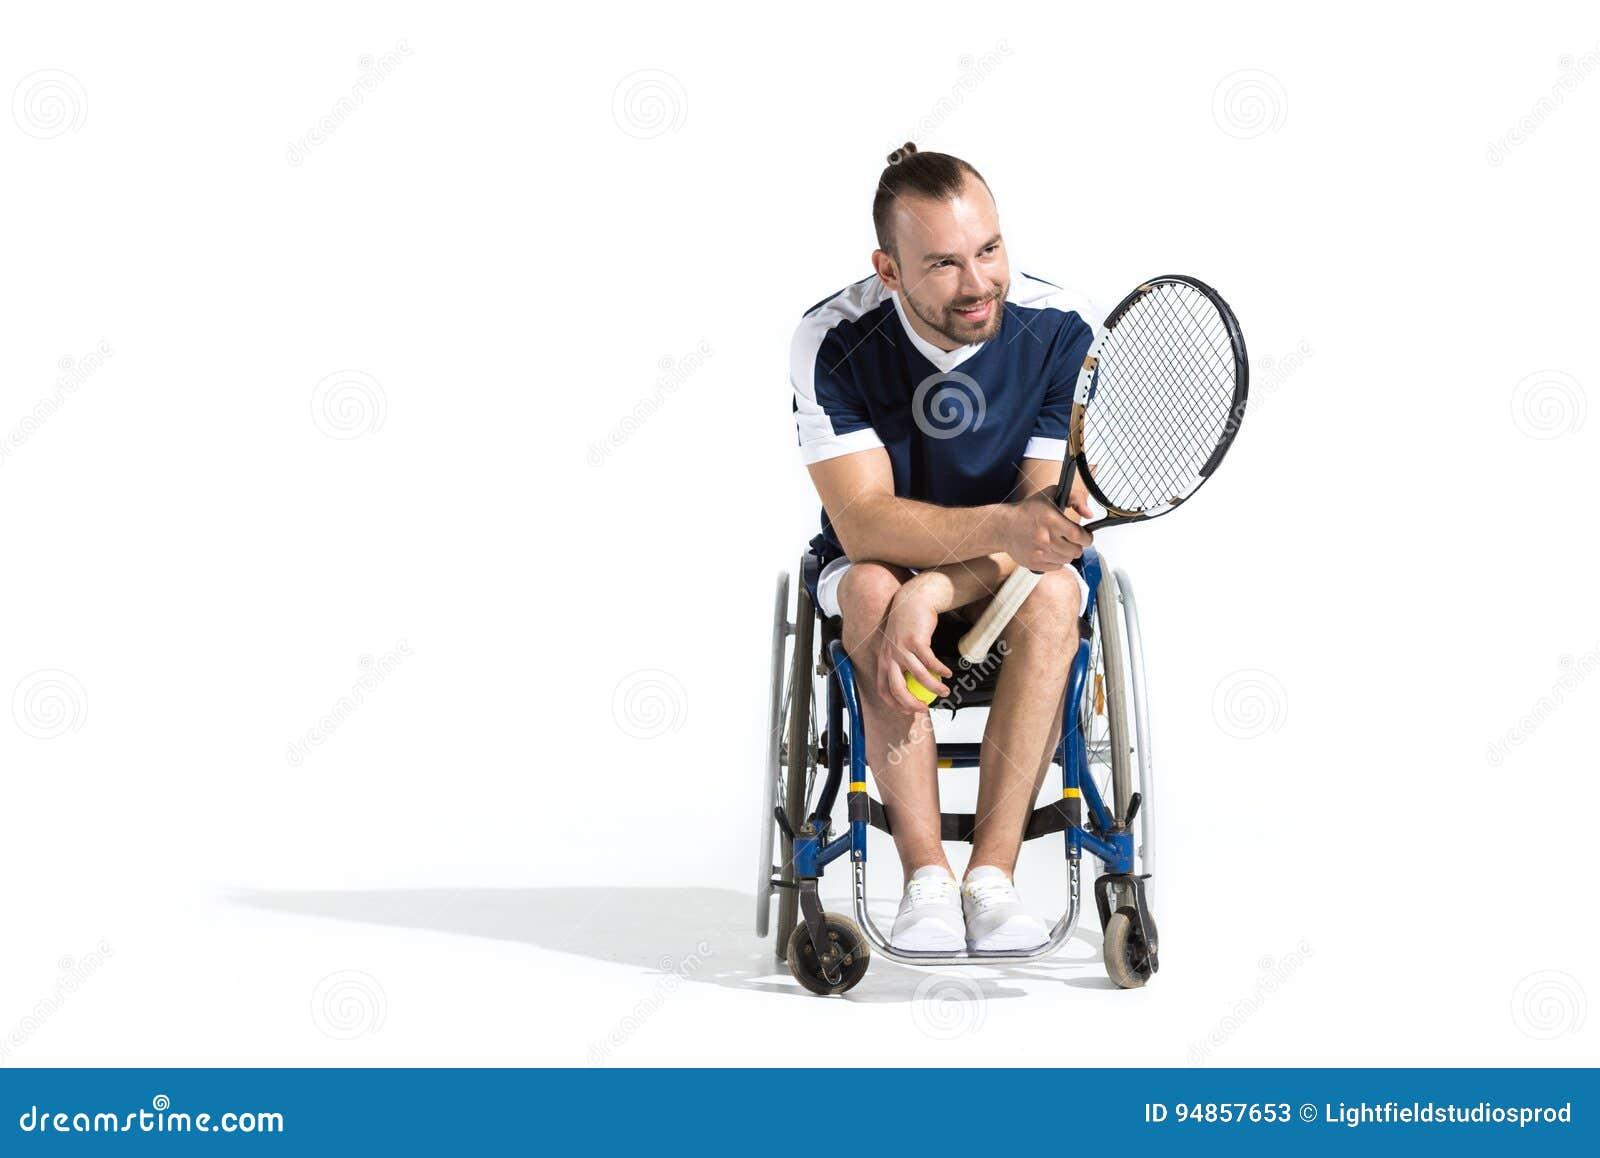 Joven Ruedas Con Tenis Se Sienta Que La Silla De Hombre En Estafa mNO08wvn